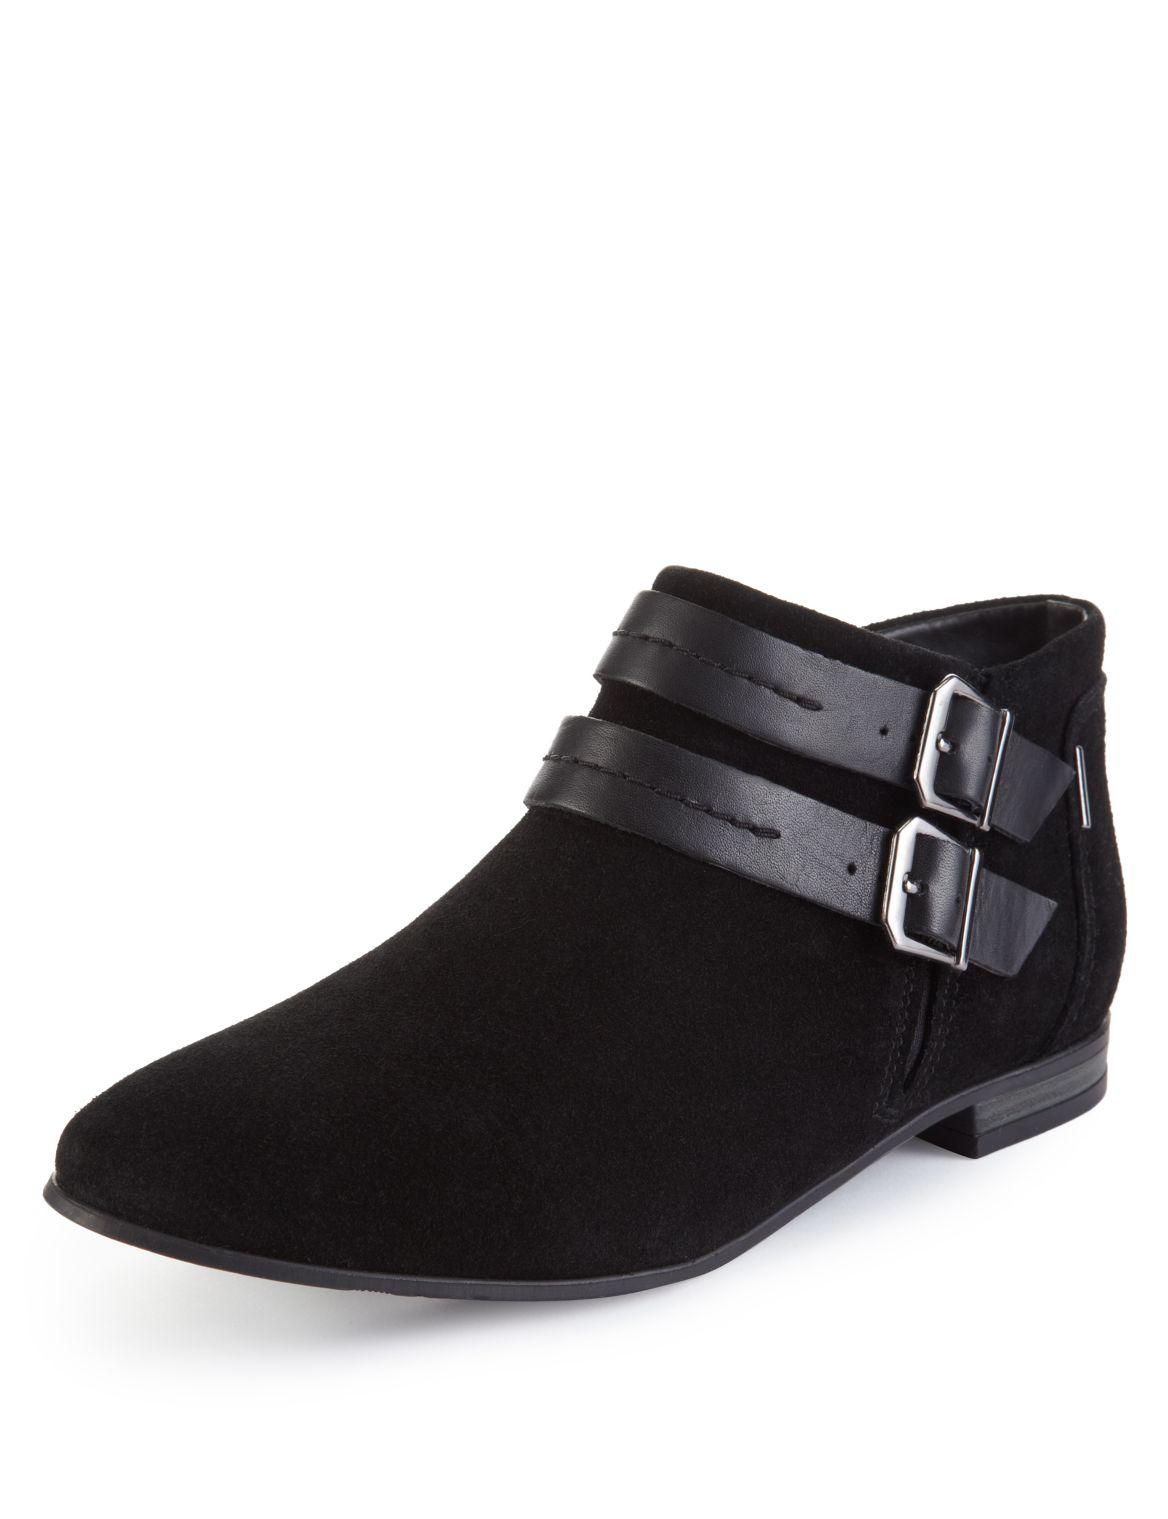 Mujer Zapatos y botas Zapatos planos